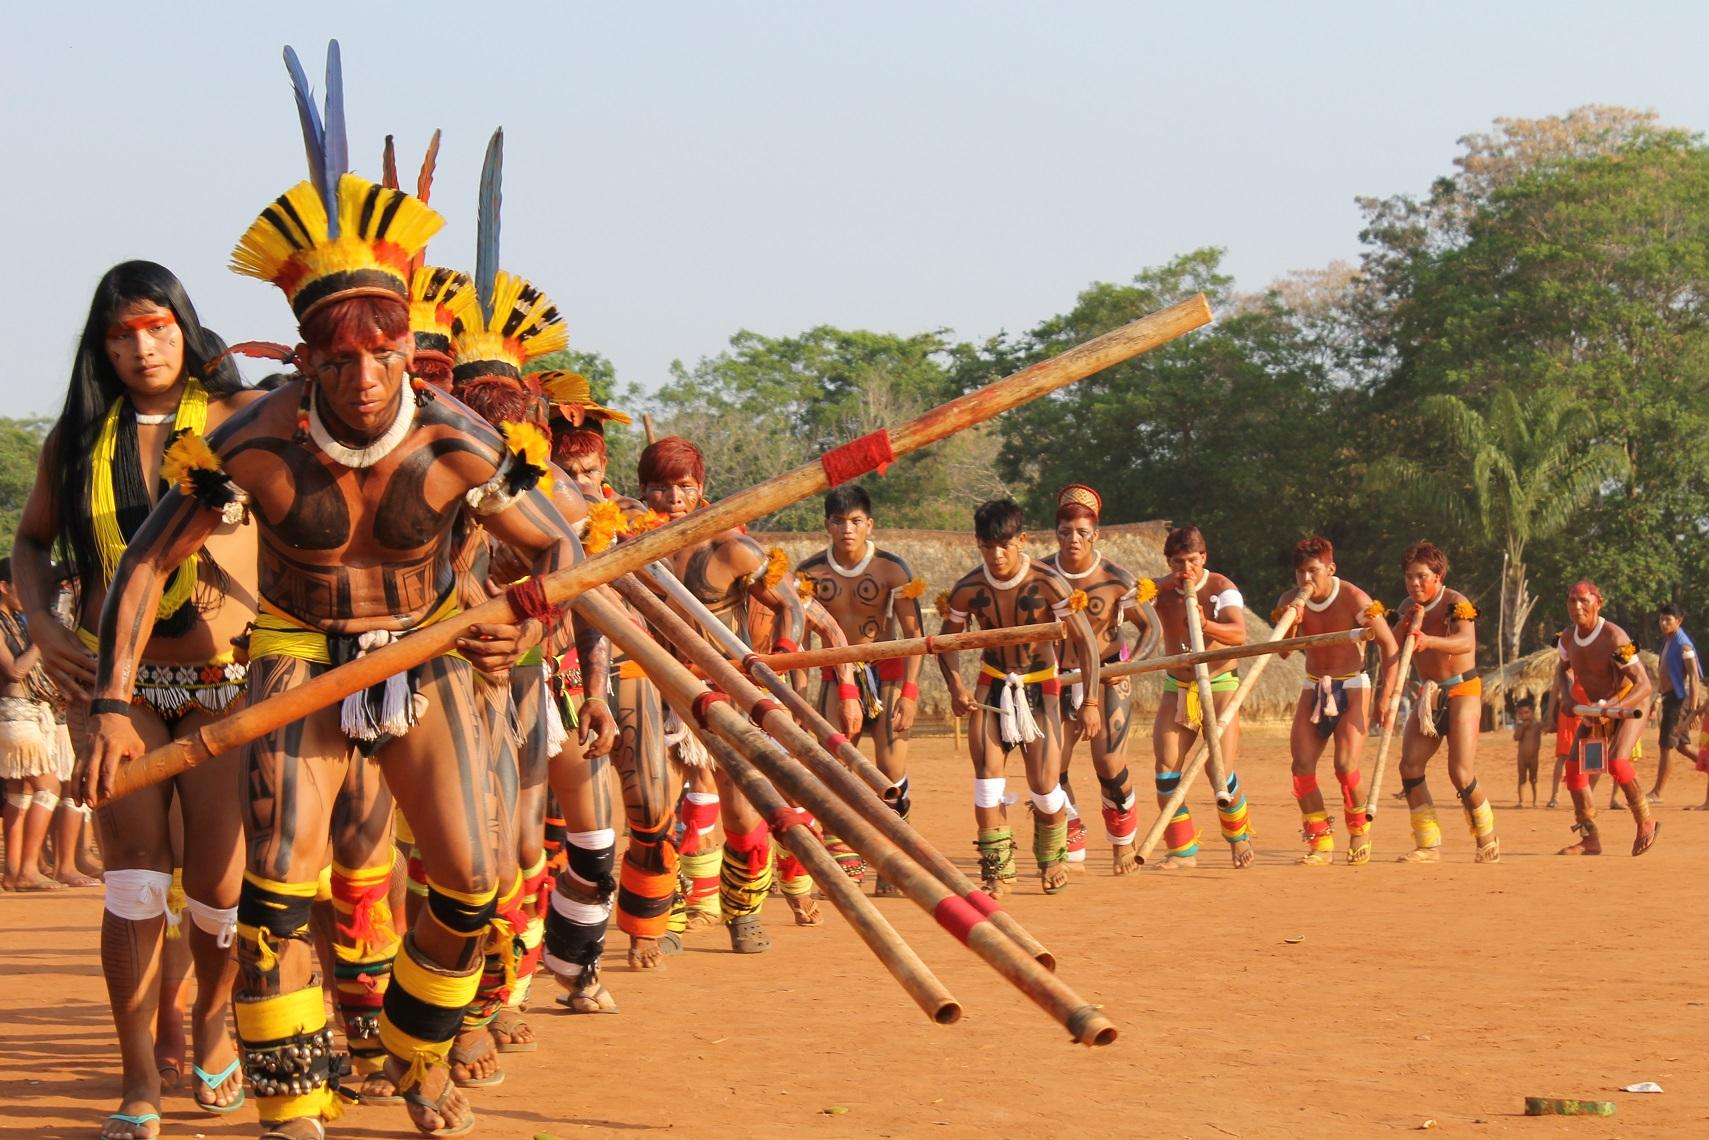 Associação Terra Indígena Xingu (ATIX) - <b>Brazil</b><br>